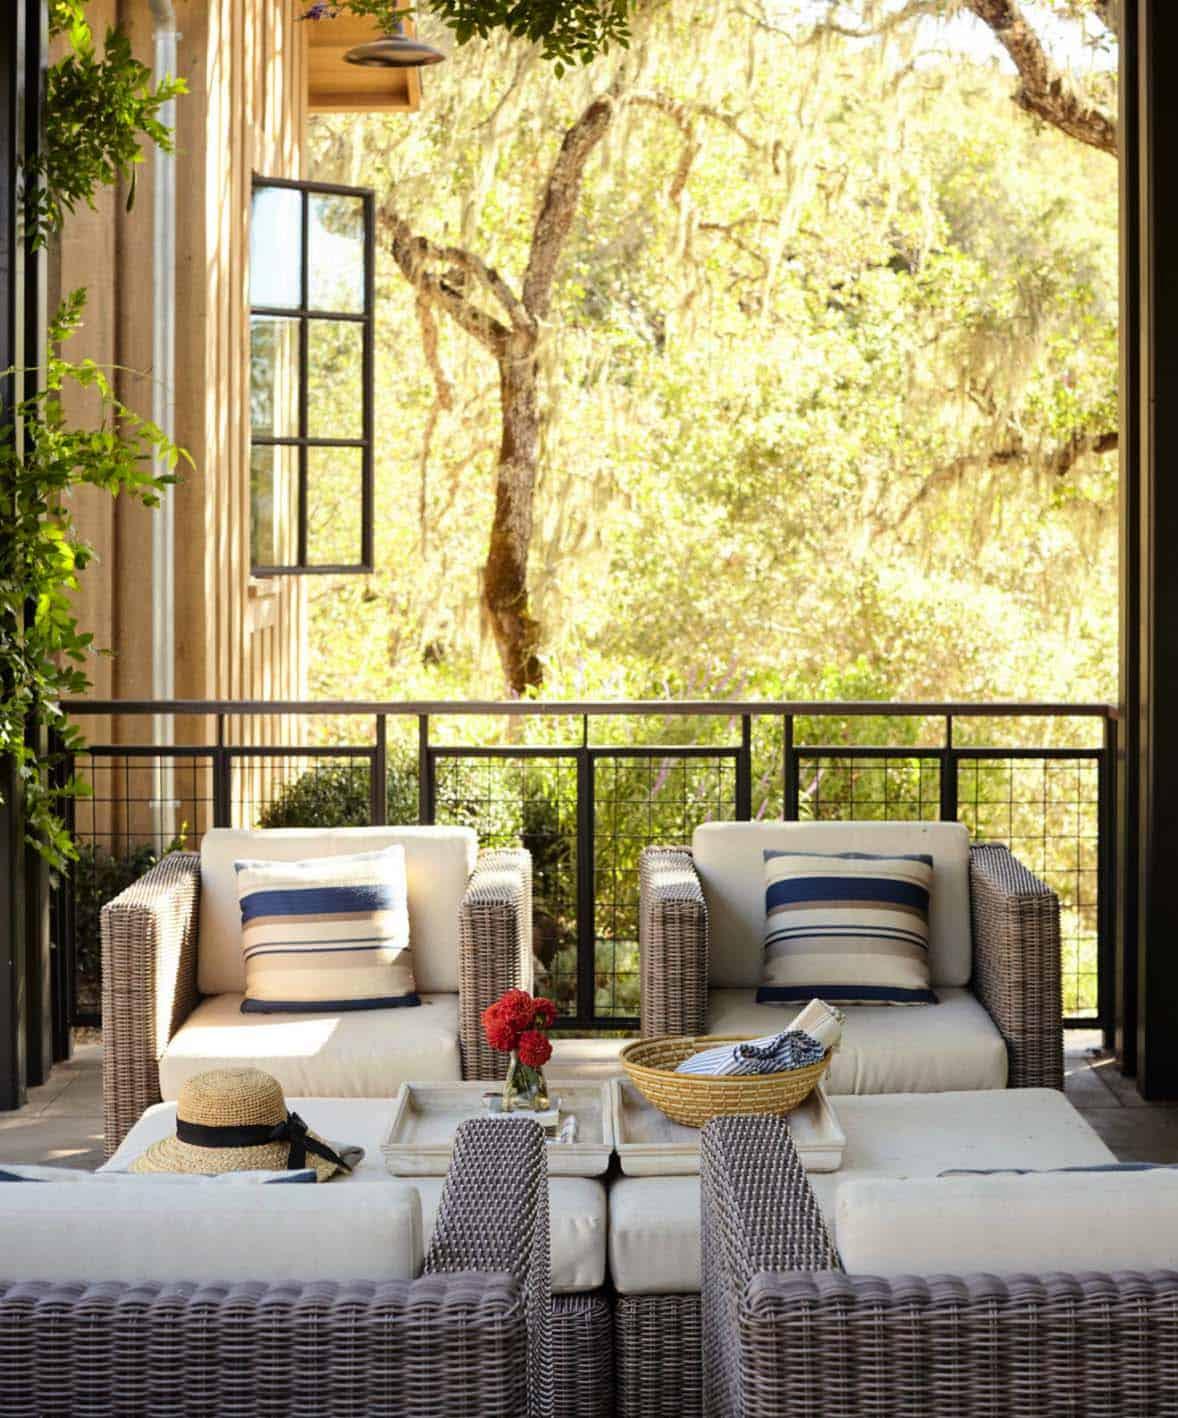 Hilltop Guesthouse Sanctuary-Julie Hawkins Design-10-1 Kindesign